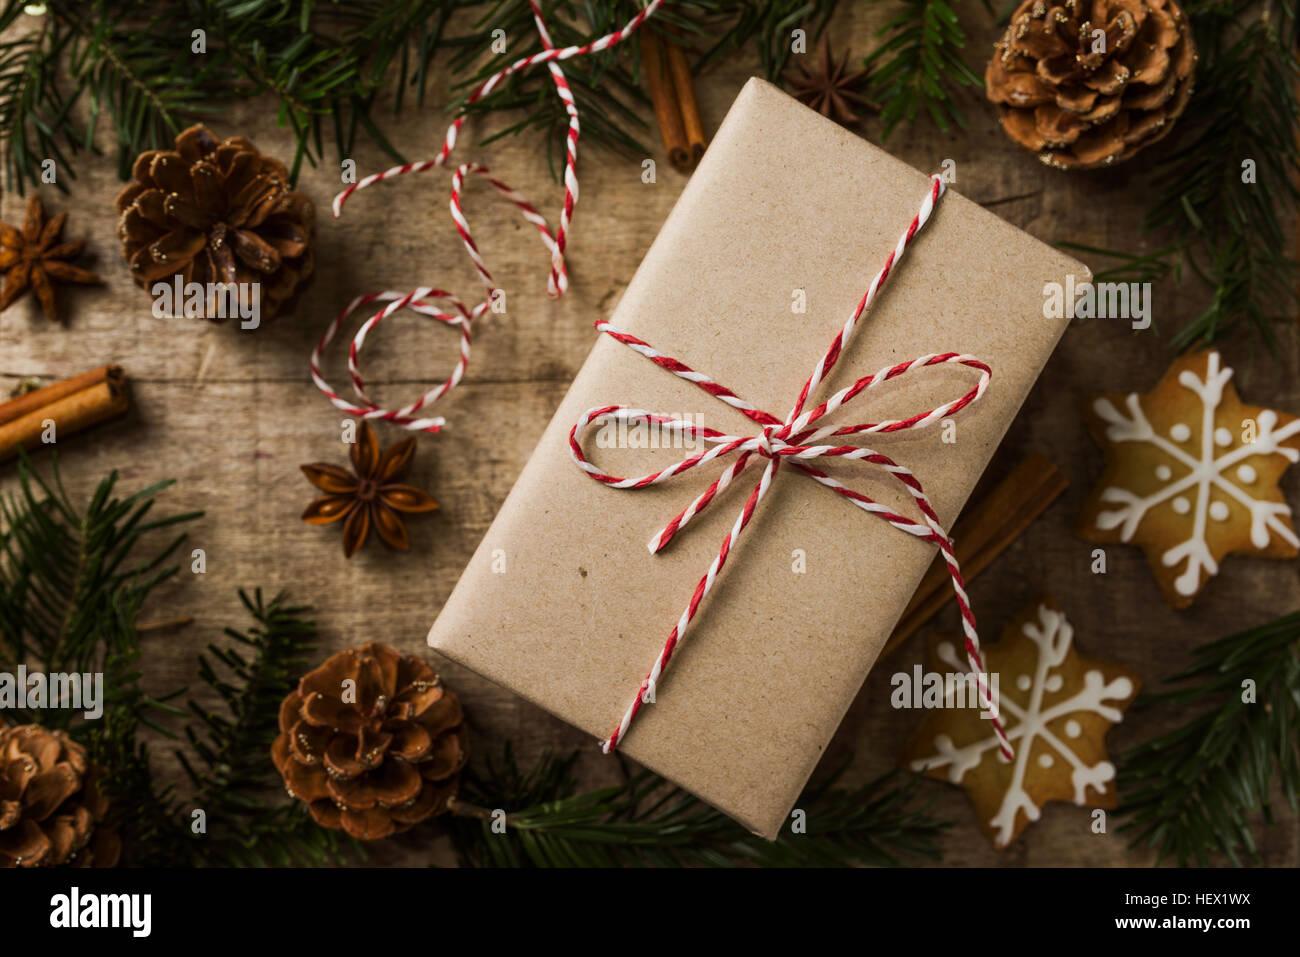 Cadeau de Noël enveloppé dans du papier kraft et entouré de natural d Photo Stock